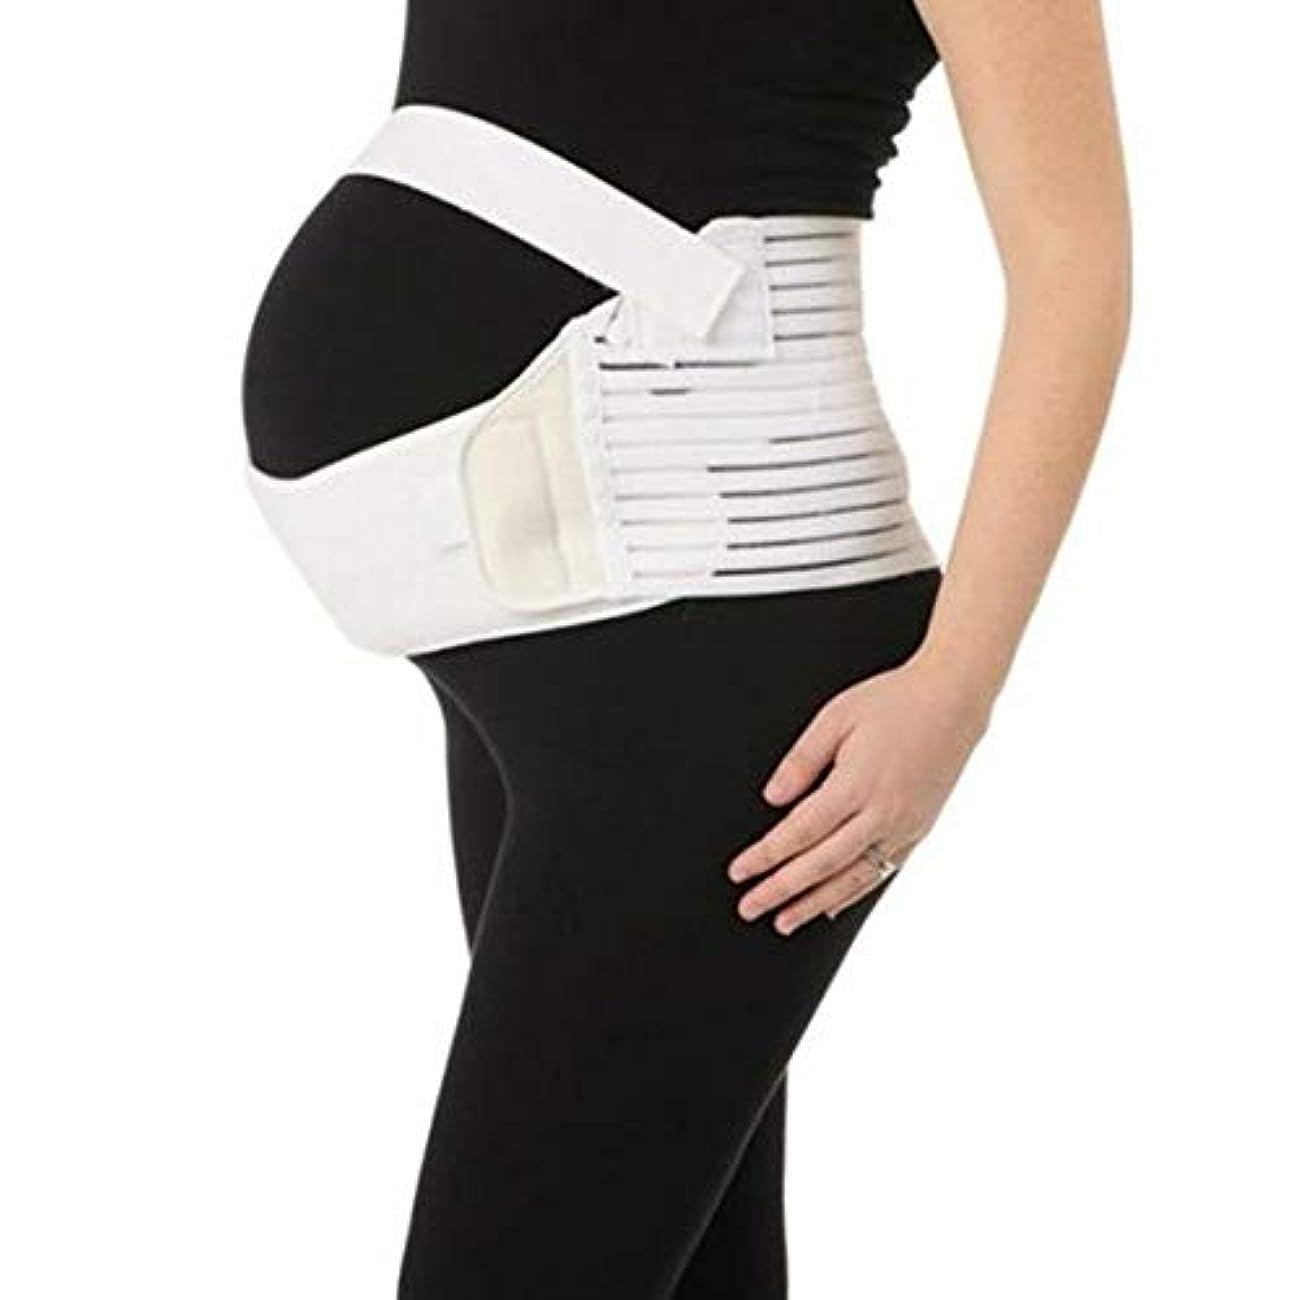 シーフード認知すずめ通気性マタニティベルト妊娠腹部サポート腹部バインダーガードル運動包帯産後回復形状ウェア - ホワイトXL